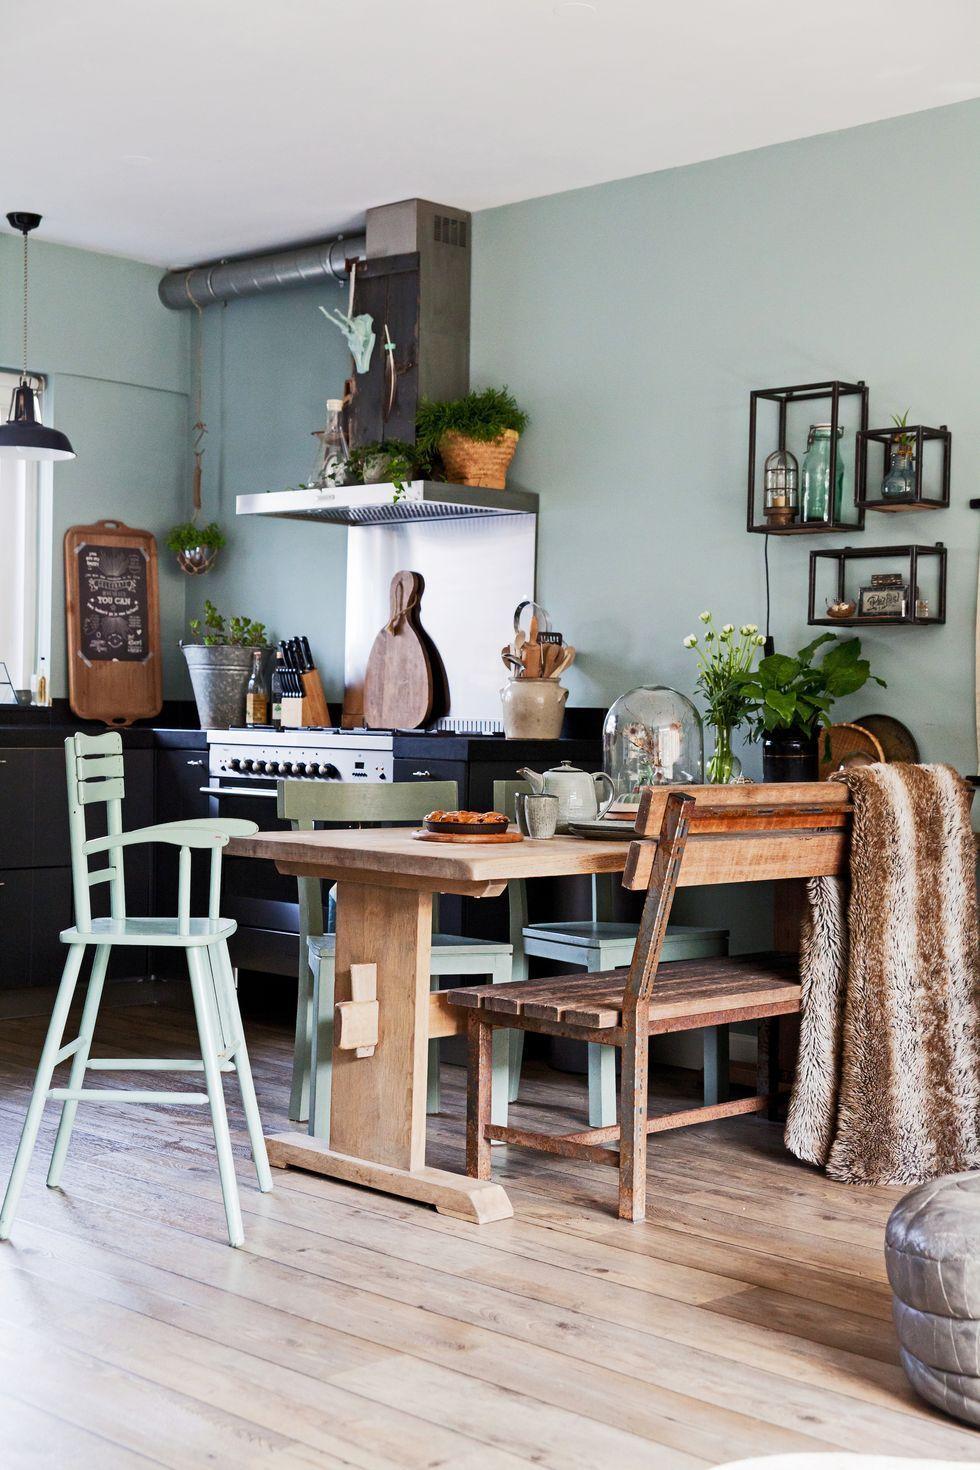 Esstisch In Der Küche Im Vintage Look Mit Salbeigrüner Wand, Holztisch Und  Vintage Stühlen